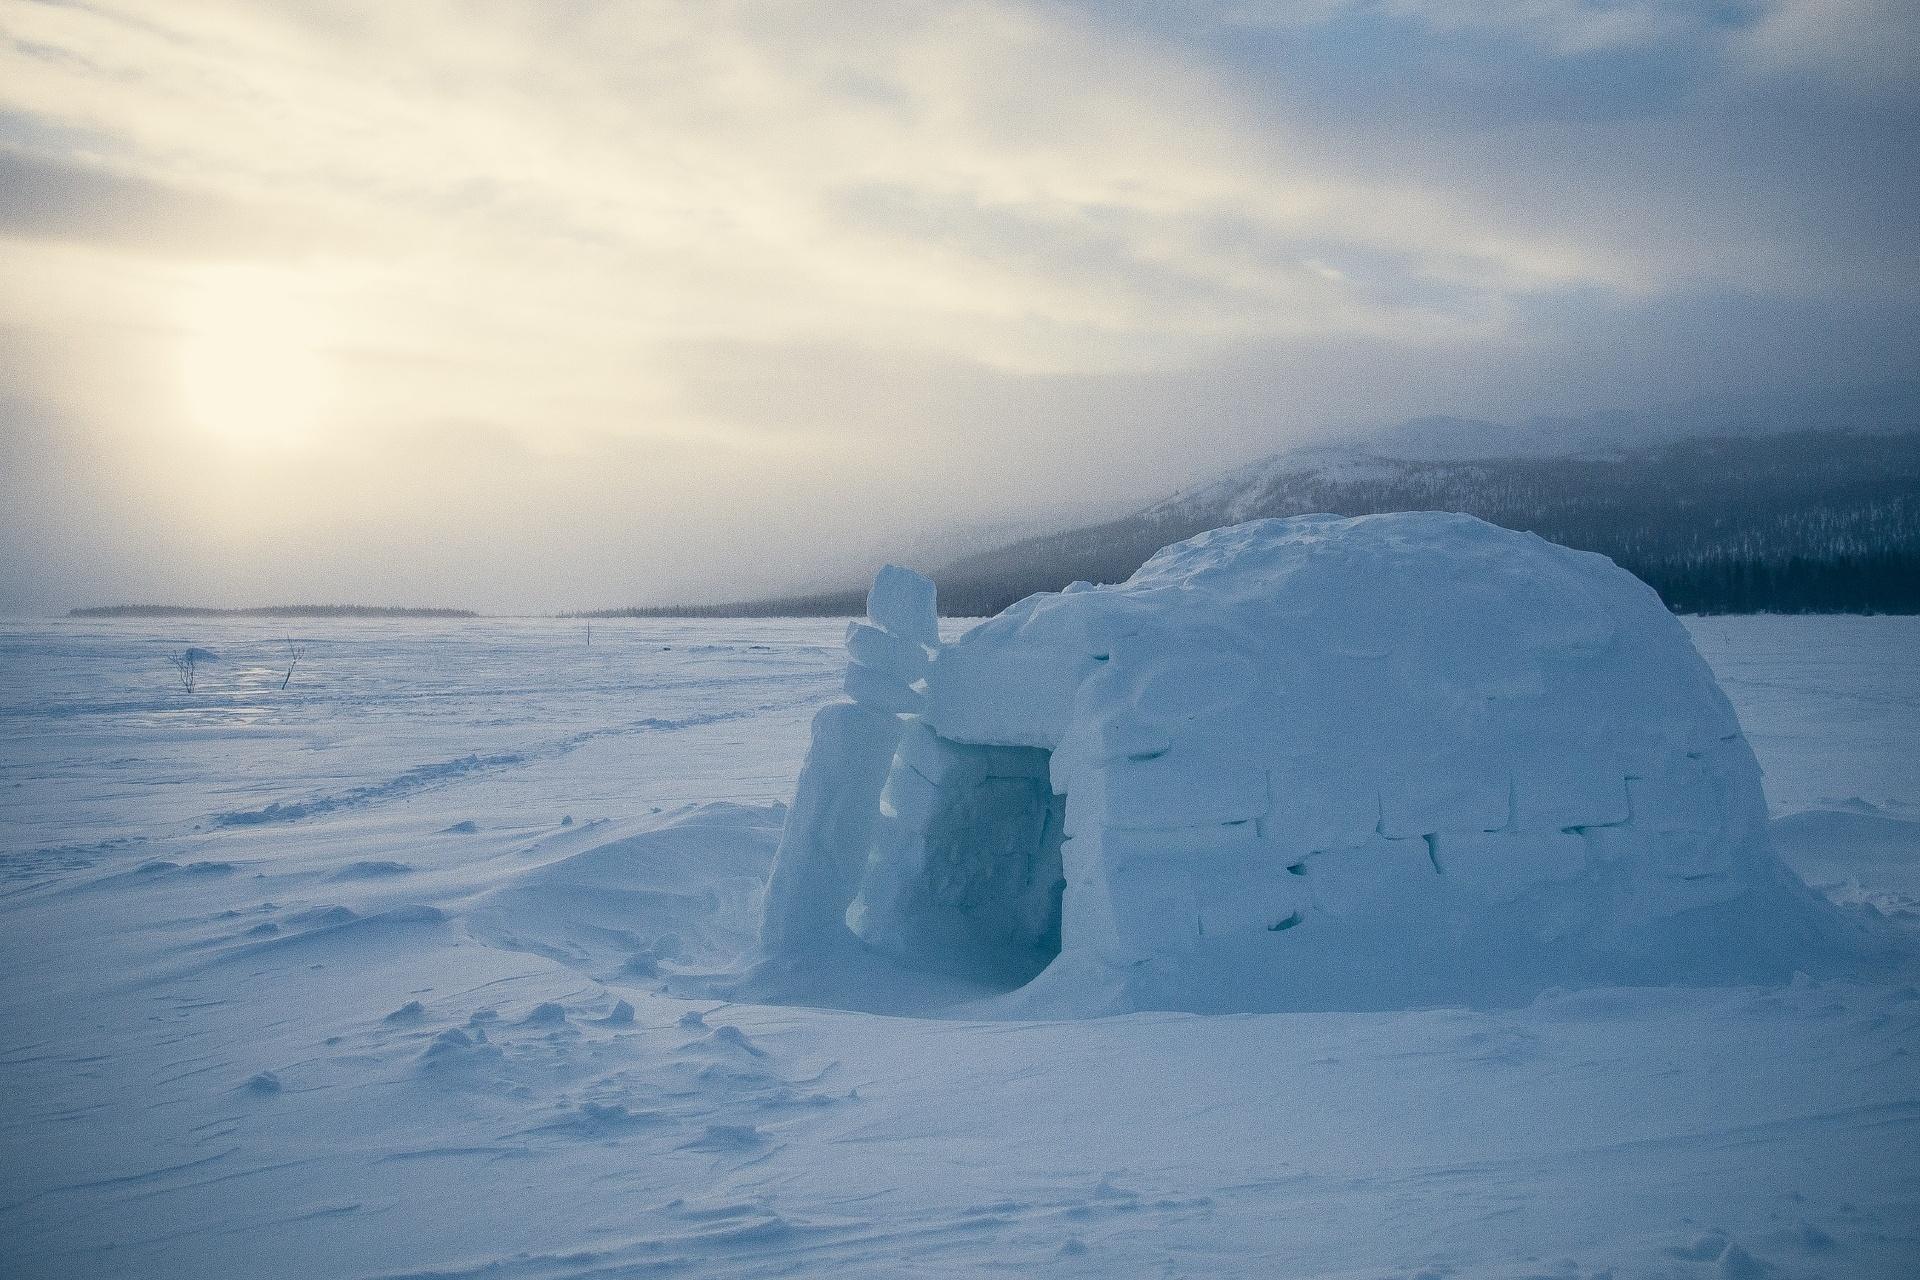 冬の夕暮れ カナダの風景